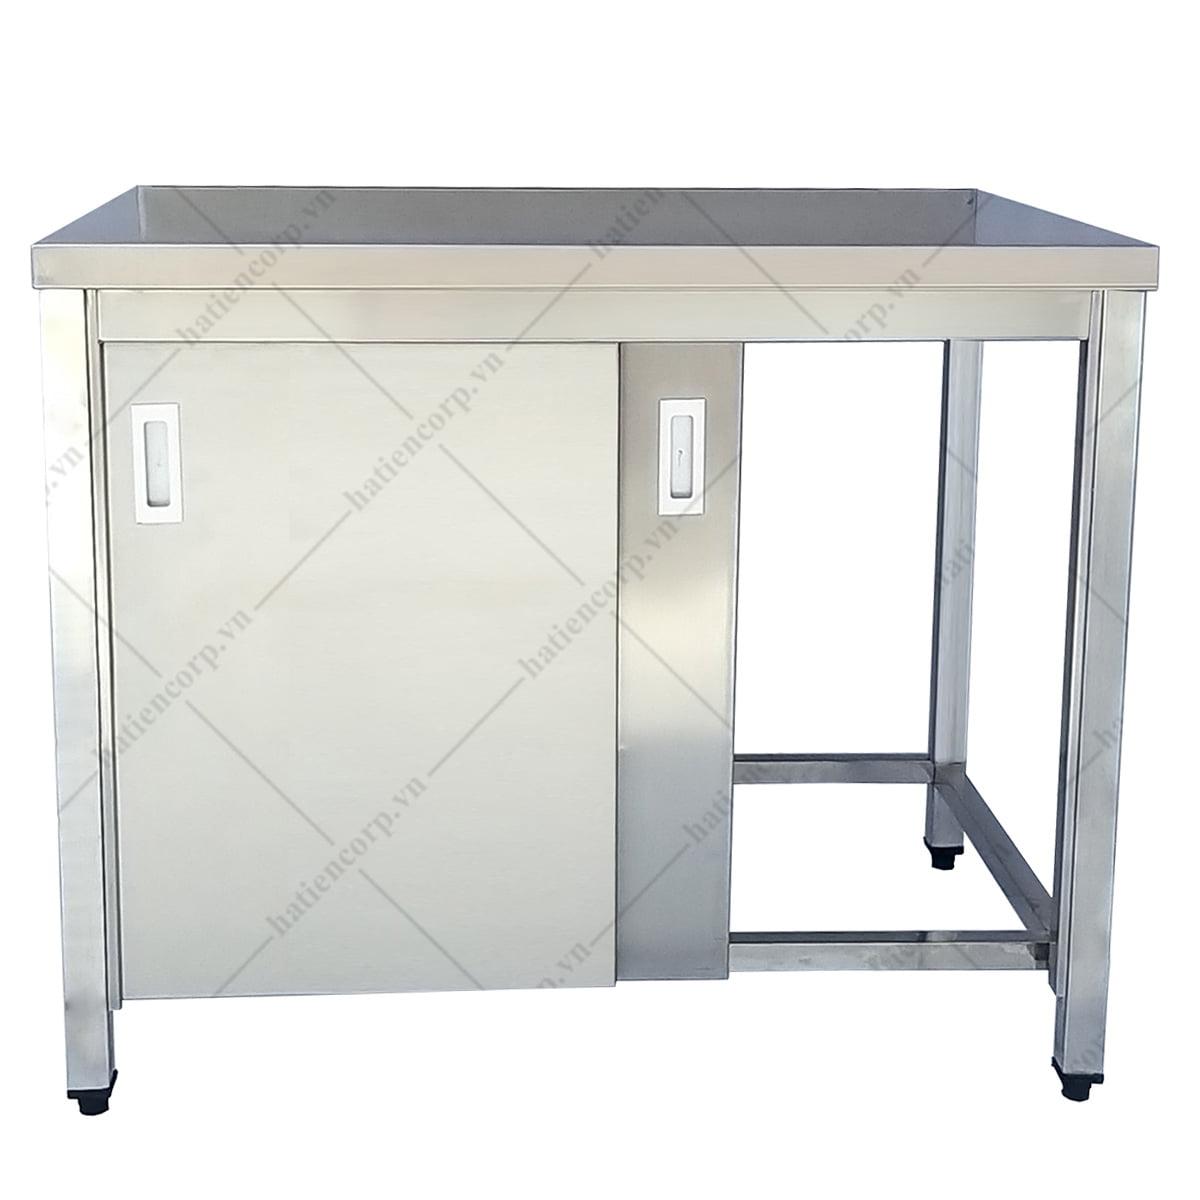 Bàn inox 1200x600x850mm có cửa lùa - Bàn inox 304 cao cấp, chất lượng cao